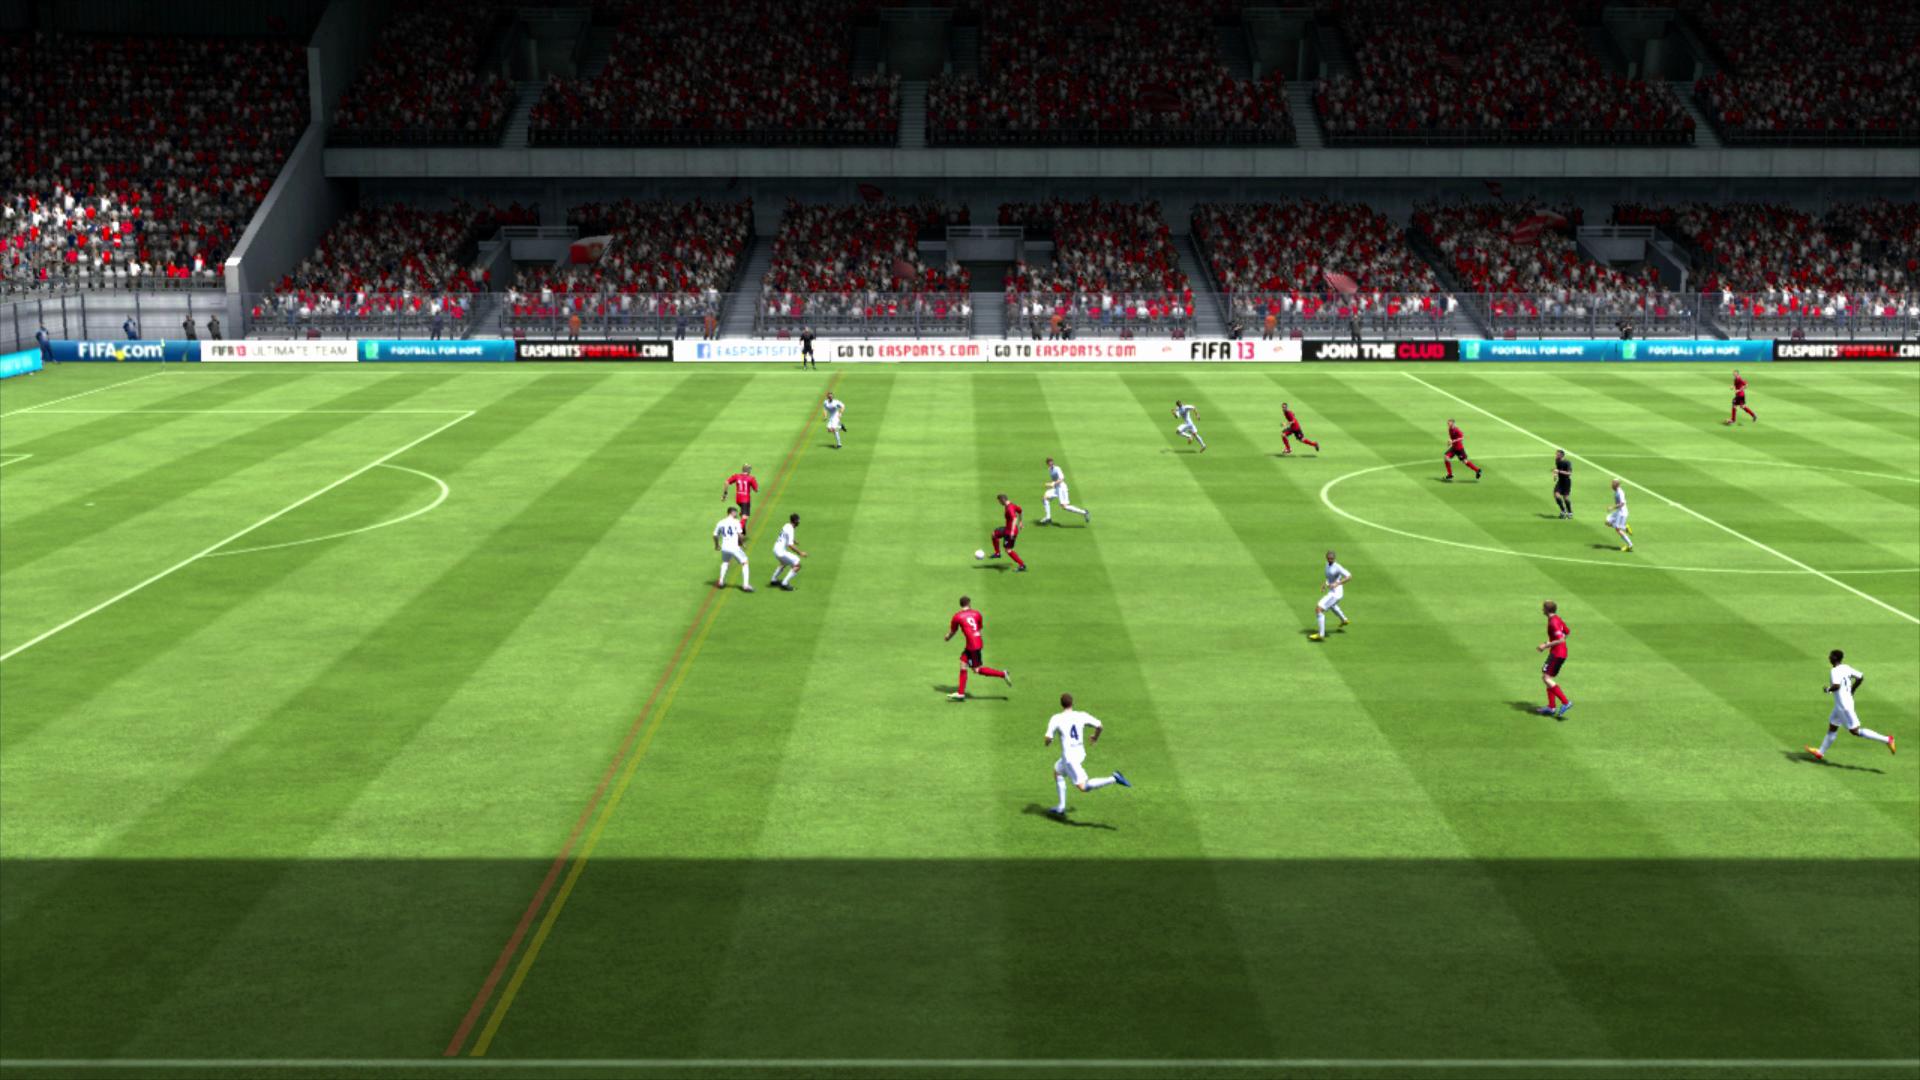 Test Fifa 13: Mehr Realismus dank Stolperfußball? - Abseits, kein Abseits?